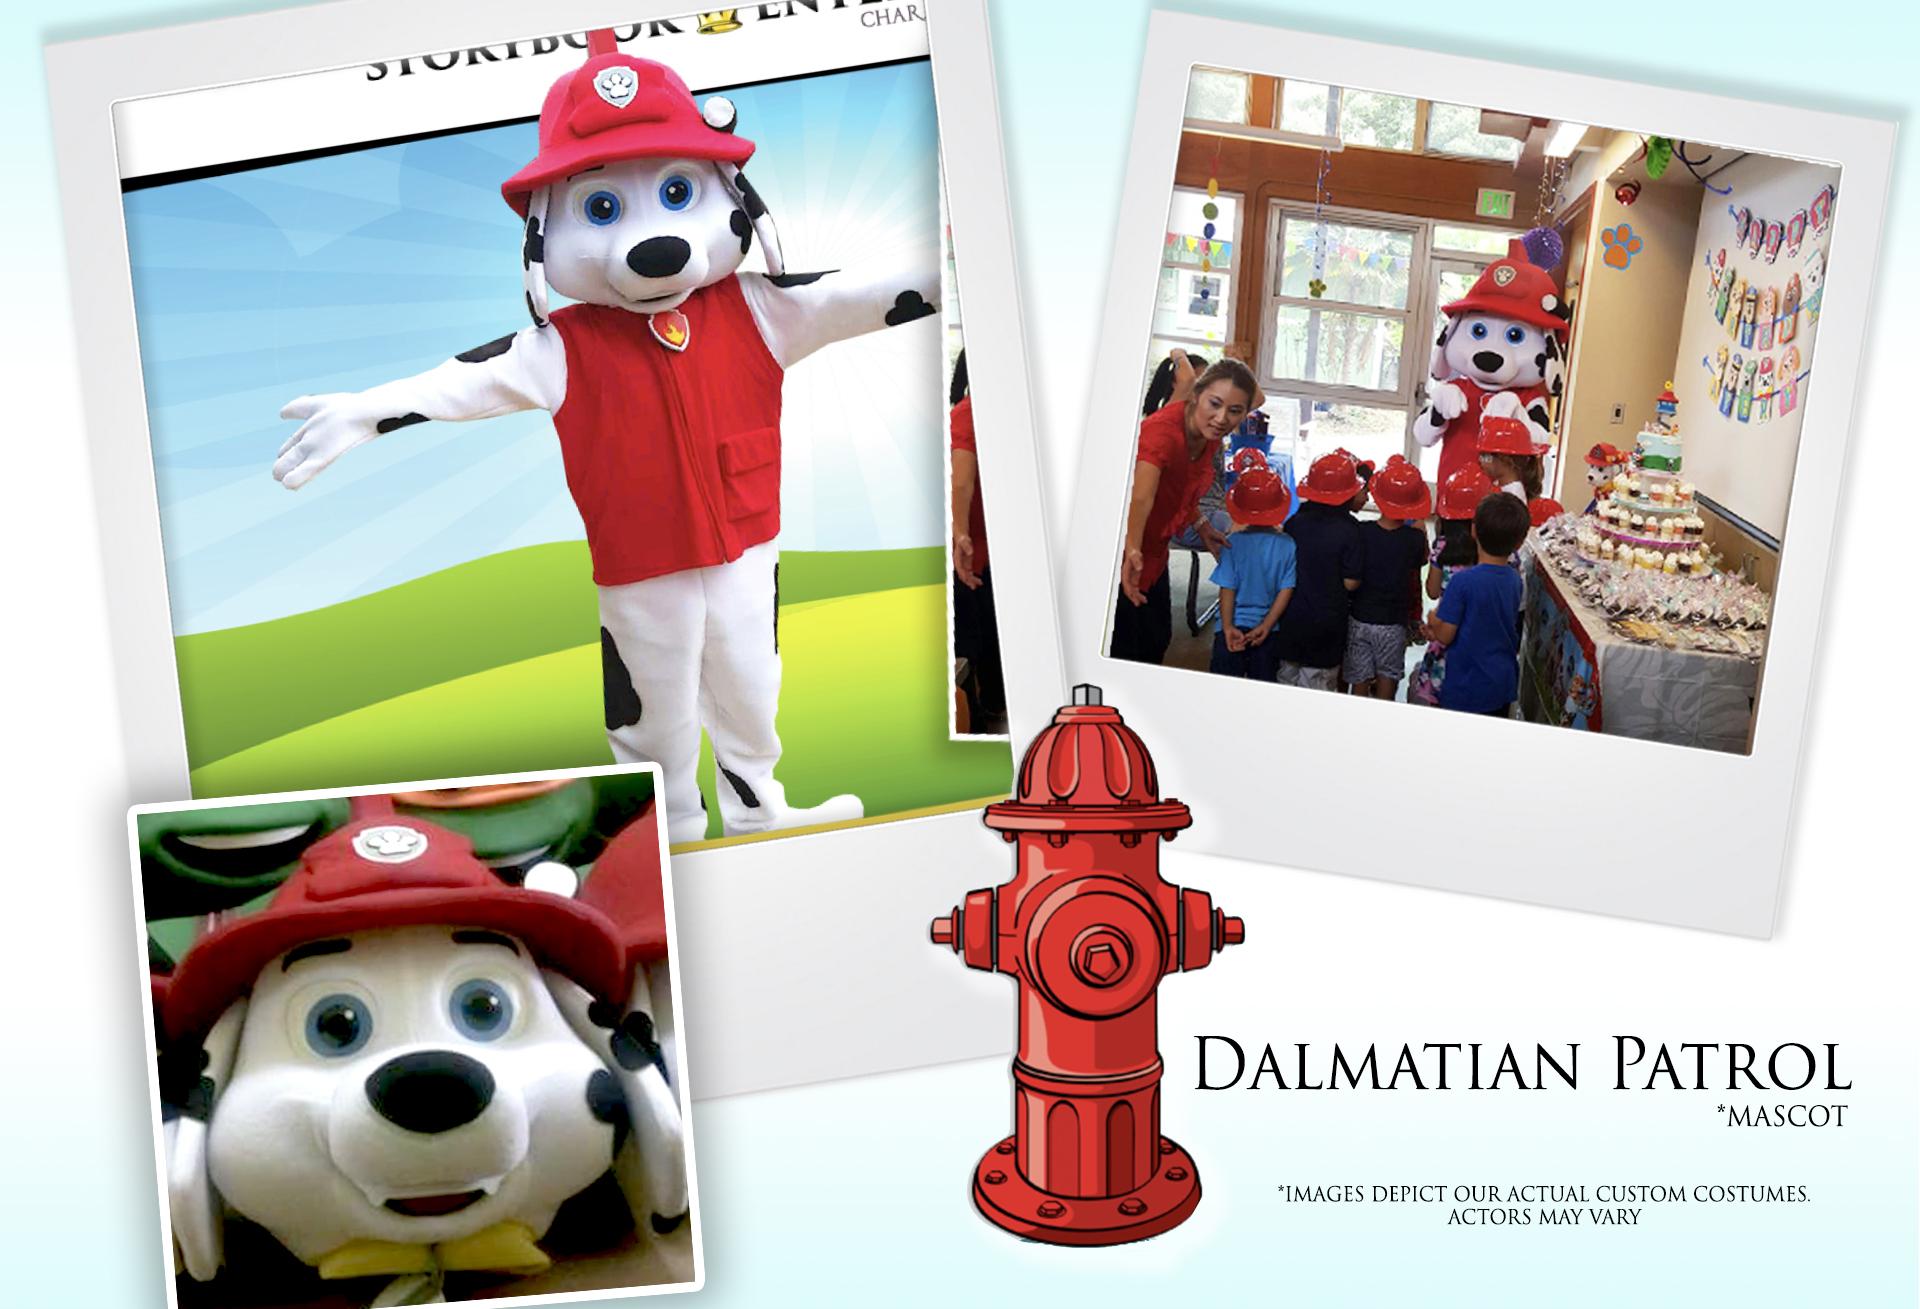 Dalmatian Patrol